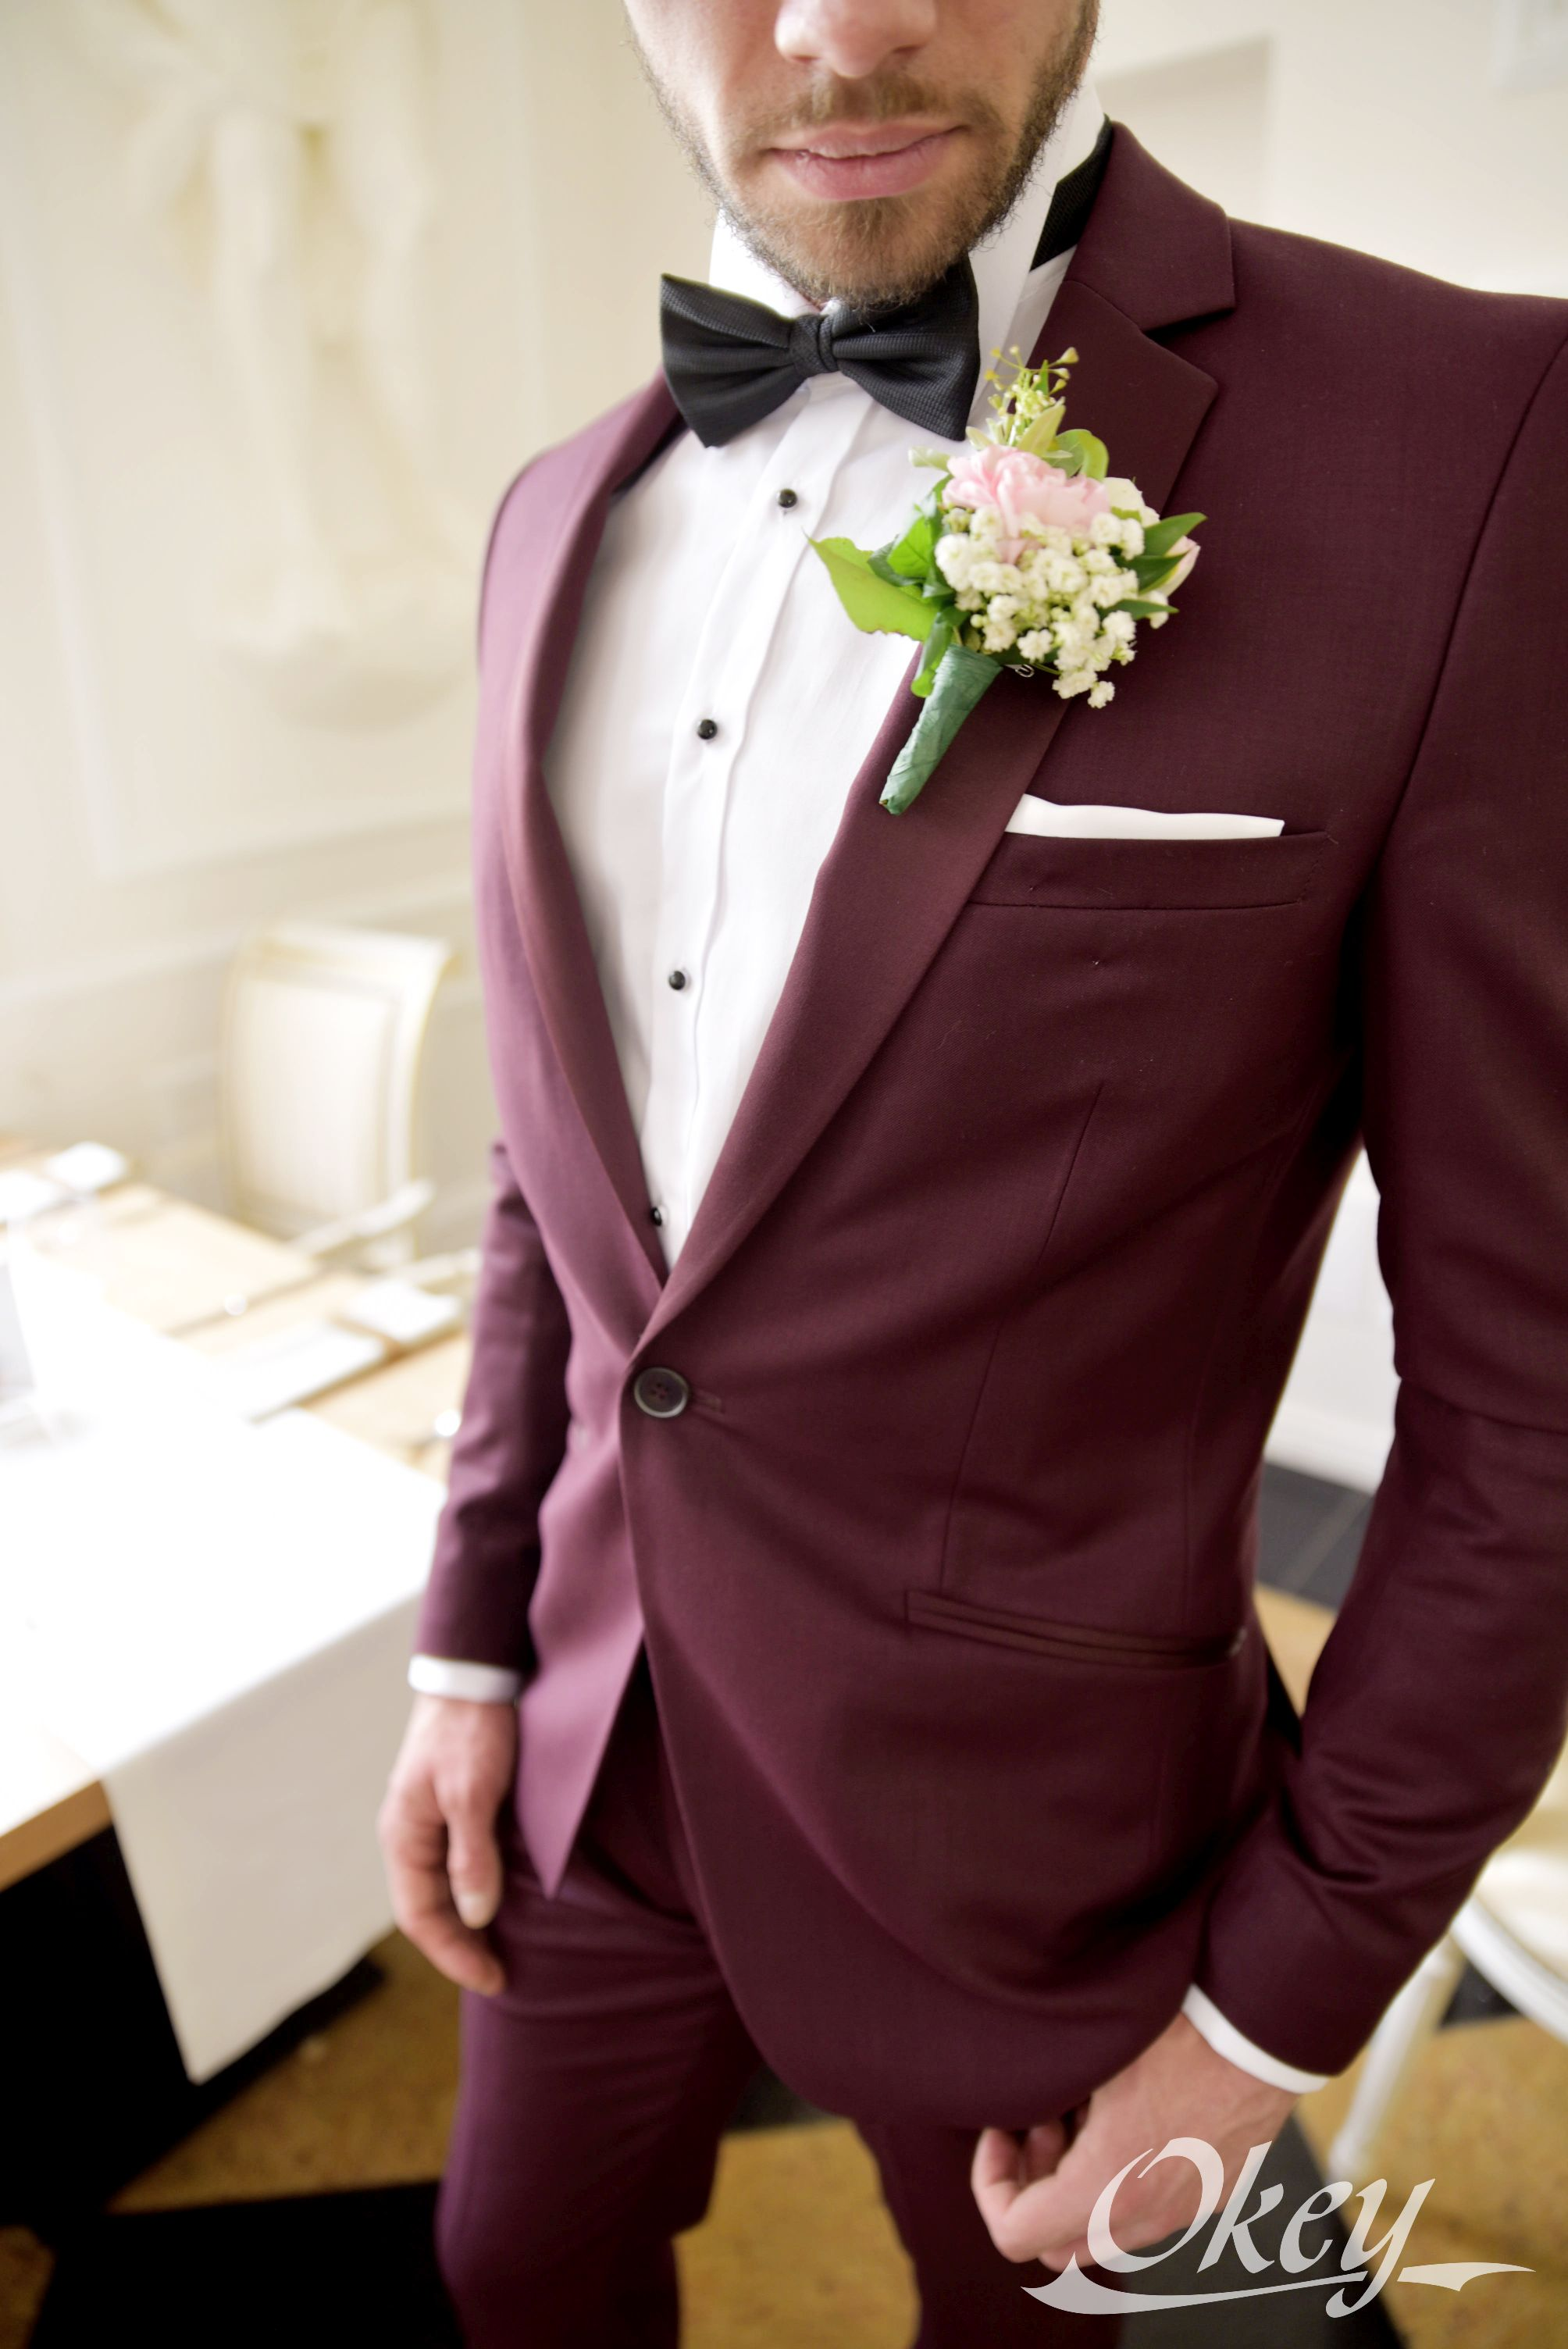 939030047c70f Nasze kolekcje garniturów ślubnych to połączenie najnowszych trendów w  modzie męskiej oraz ponadczasowej klasycznej męskiej elegancji.